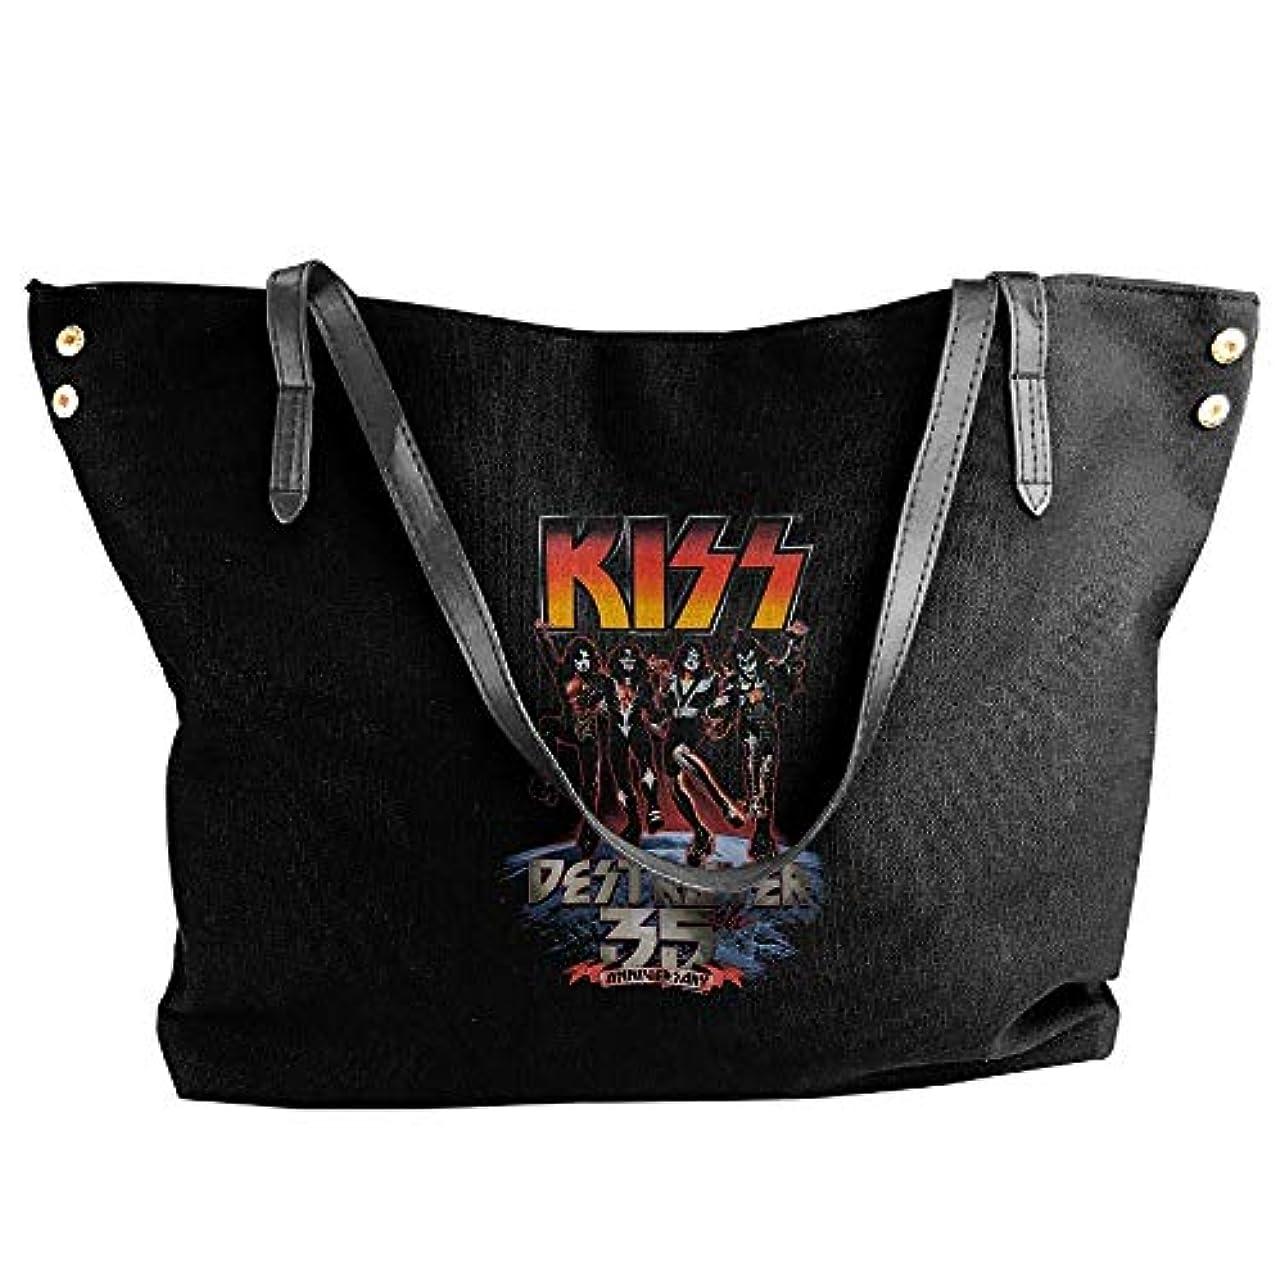 瞑想的ベール絶縁する2019最新レディースバッグ ファッション若い女の子ストリートショッピングキャンバスのショルダーバッグ KISS Band 人気のバッグ 大容量 リュック